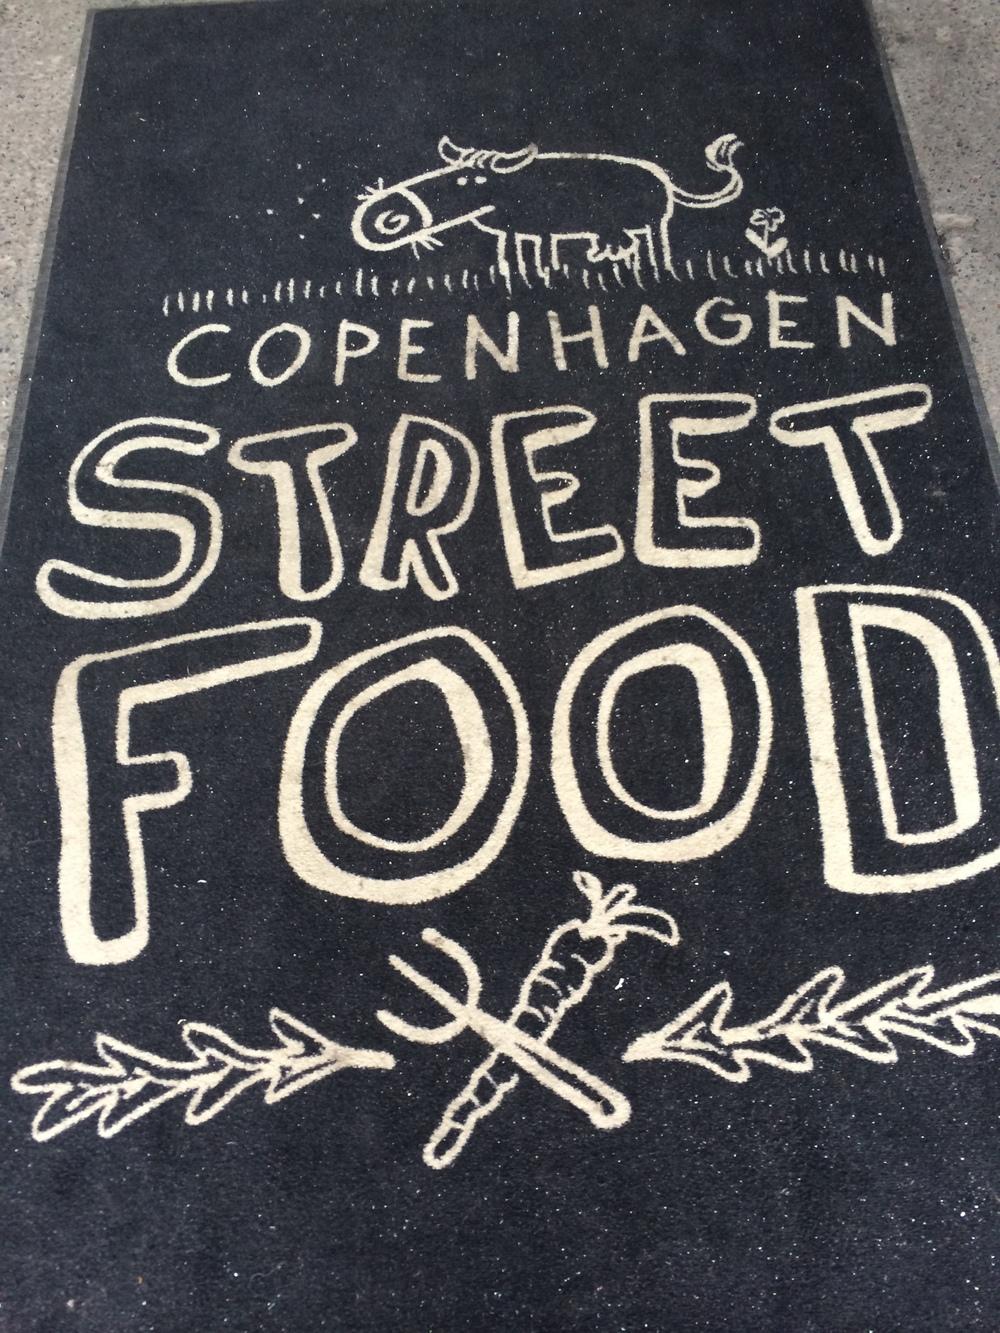 copenhagen-street-food.JPG